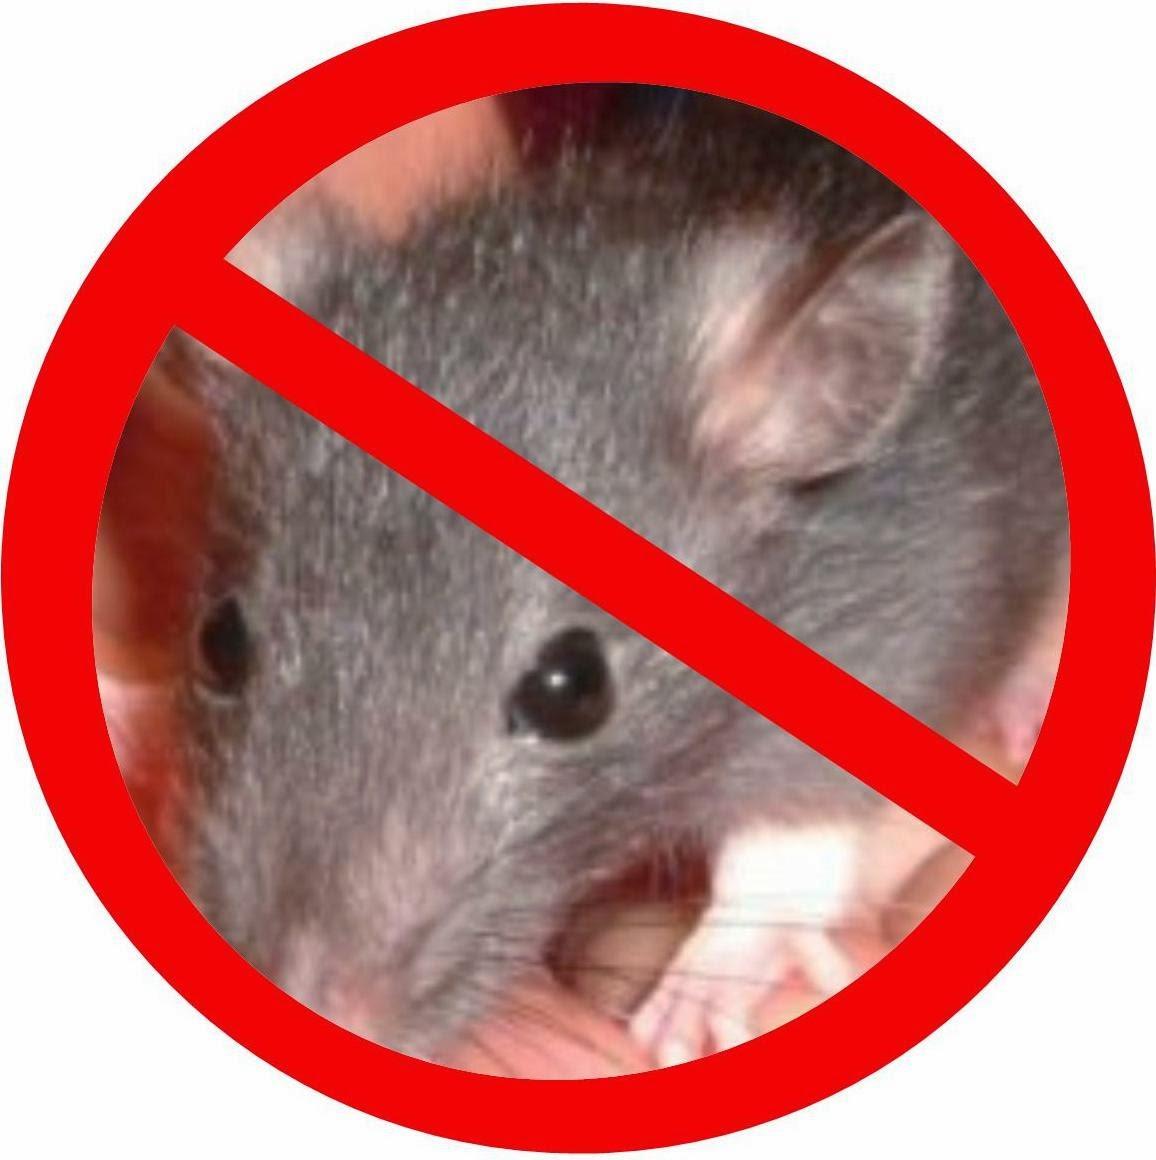 Ratas fumigaciones eliminar ratas control de ratas ratones - Eliminar ratas en casa ...